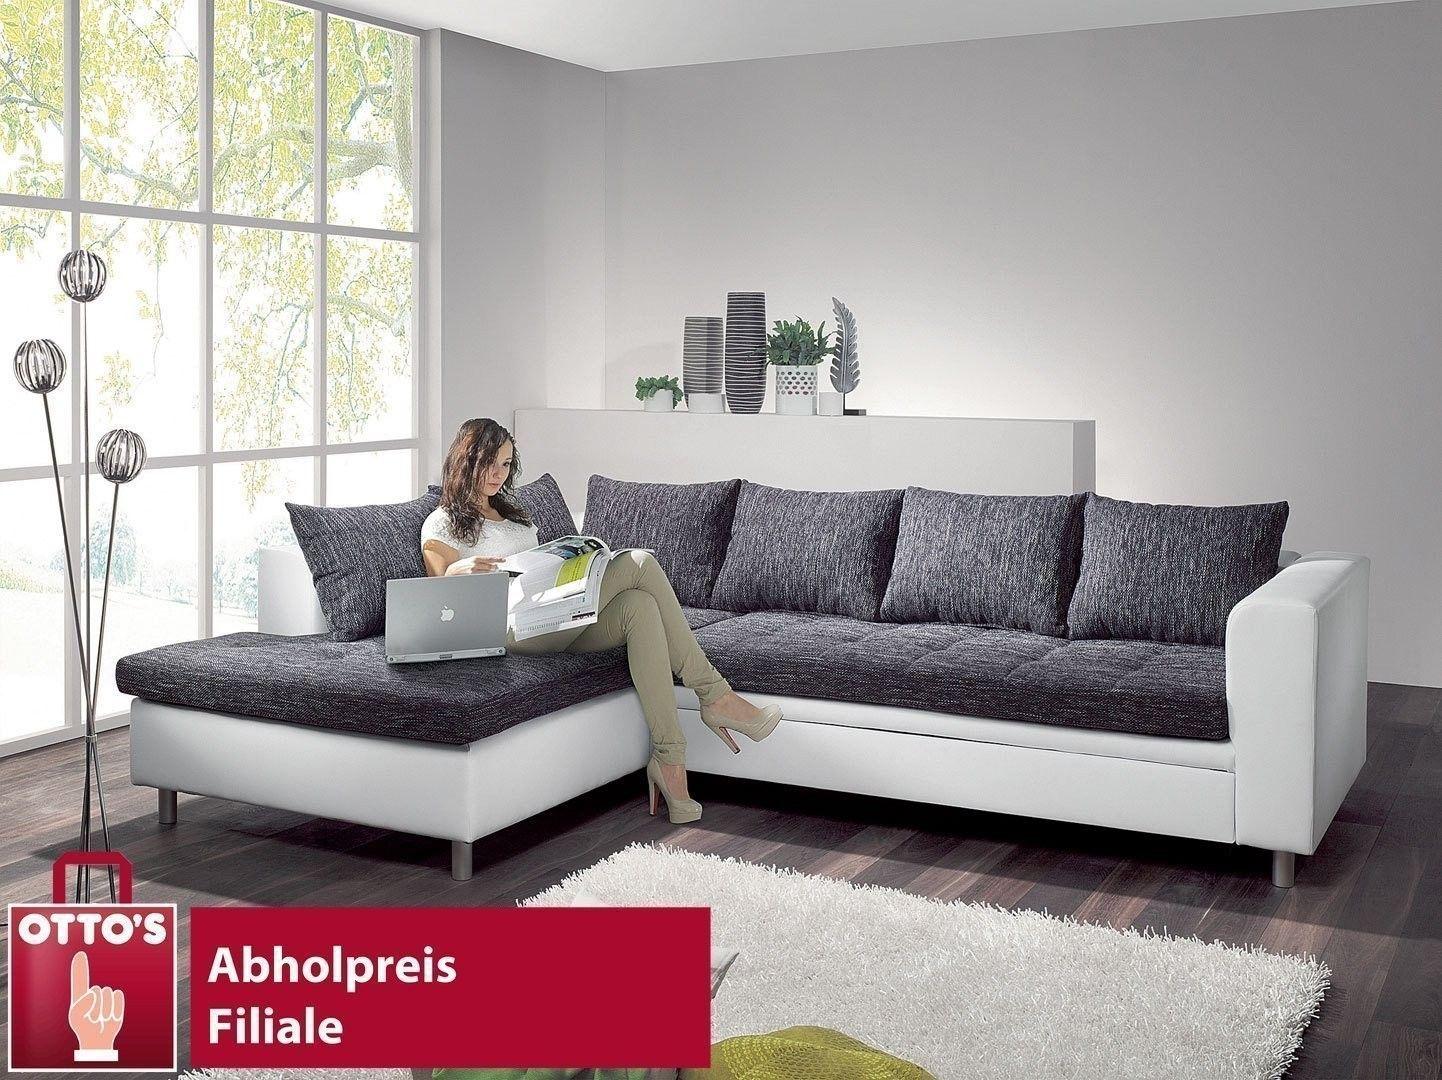 polstergarnitur denise otm 2f eckpolster garnituren polsterm bel wohnen m bel otto 39 s. Black Bedroom Furniture Sets. Home Design Ideas